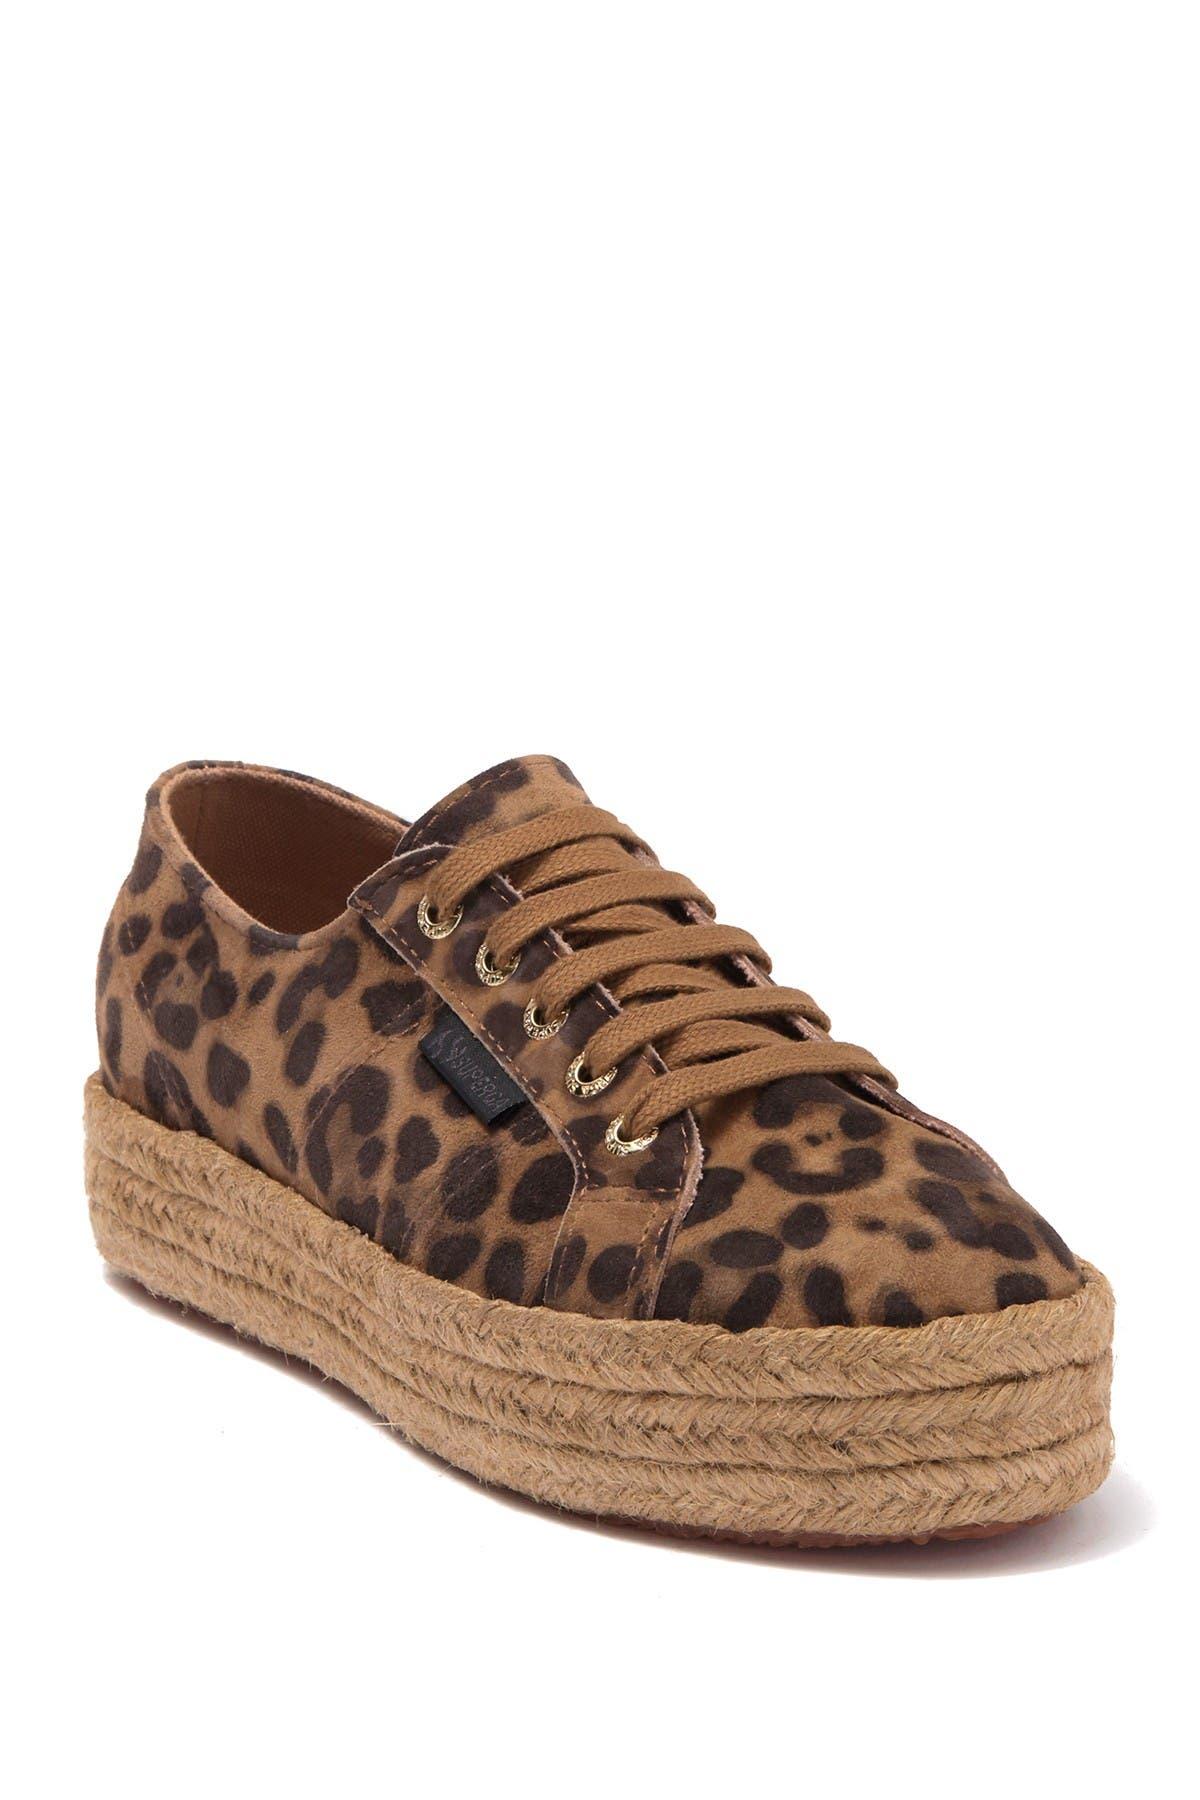 Fankidsieropew Leopard Espadrille